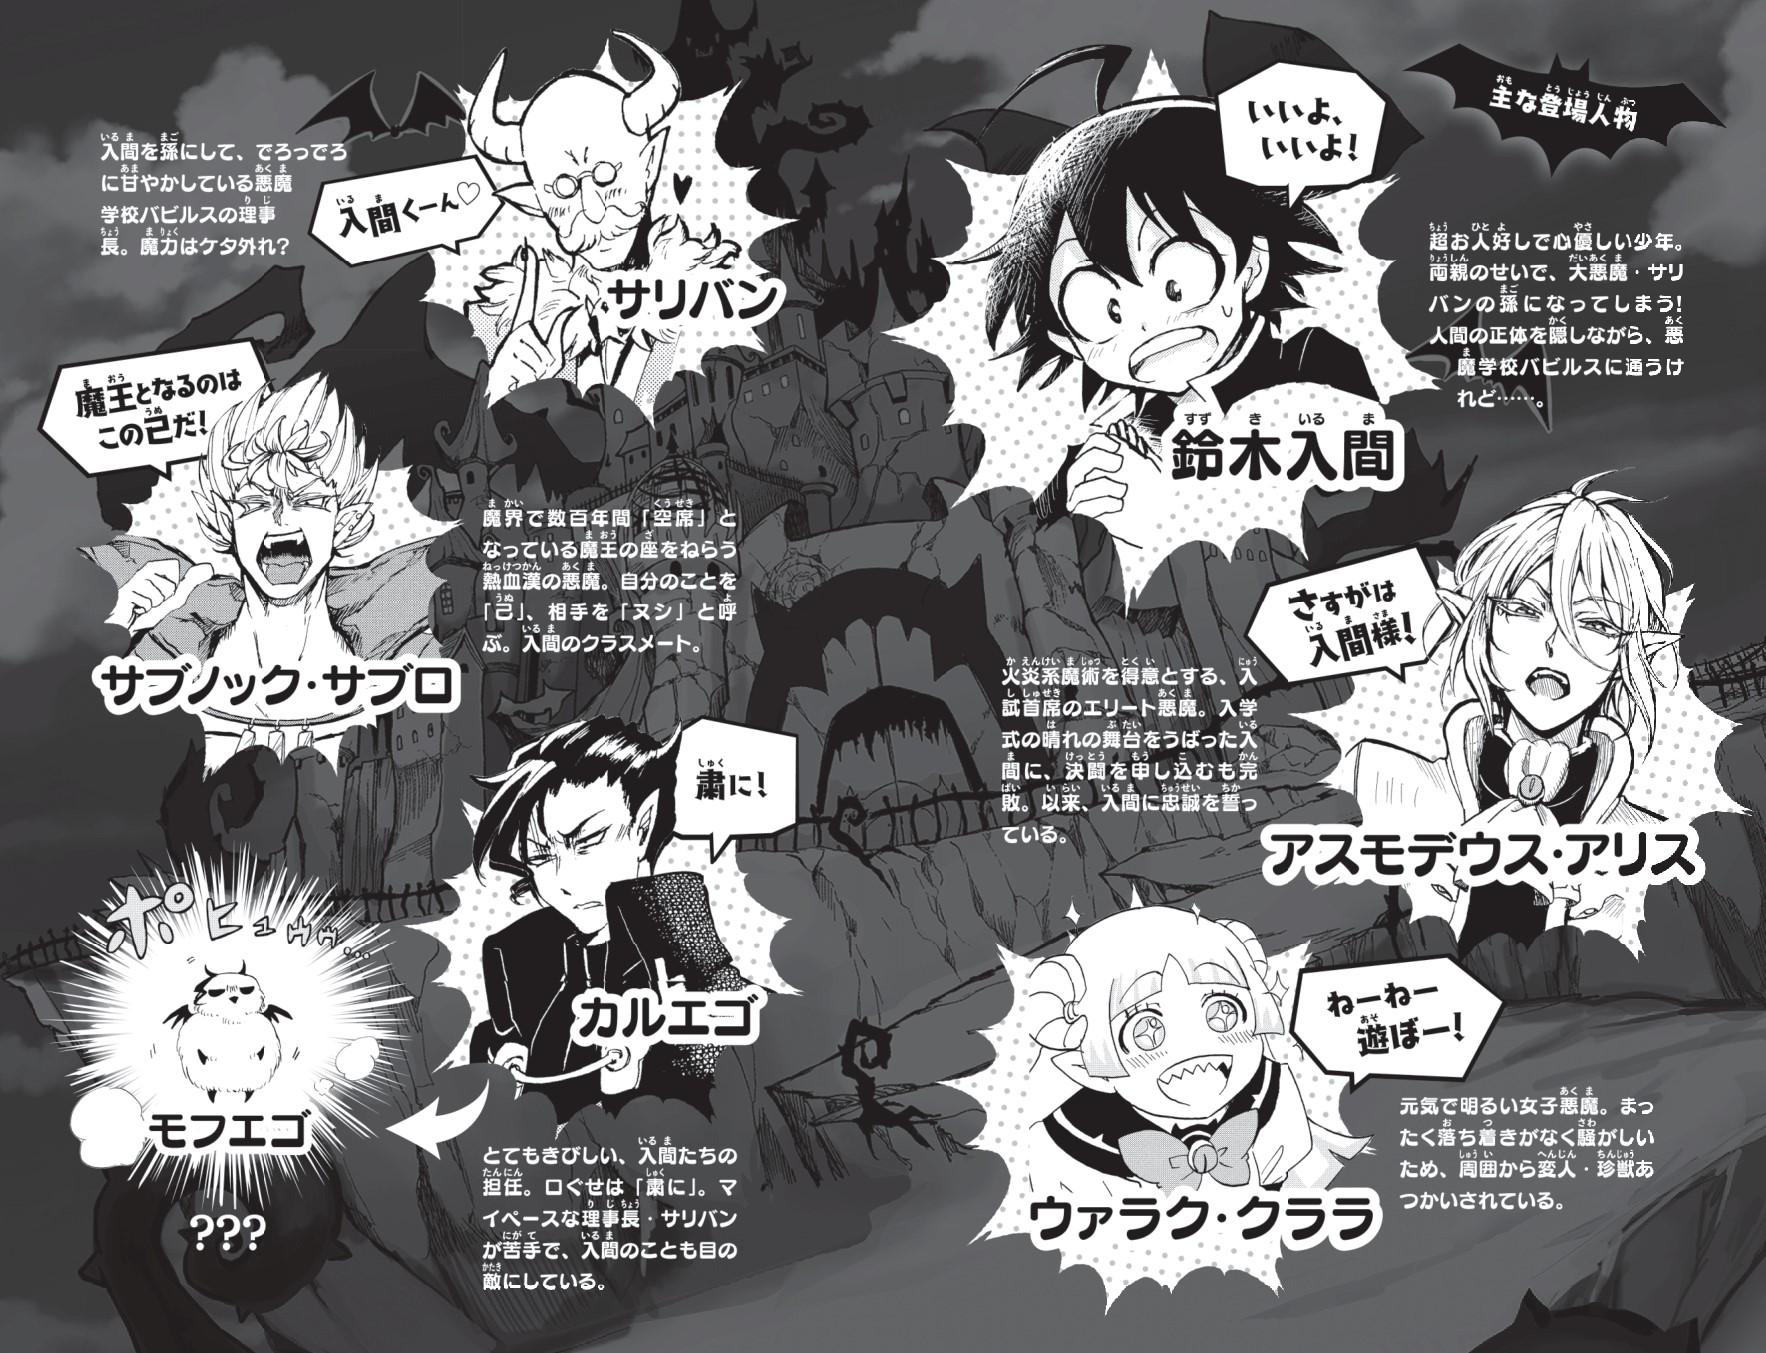 『小説 魔入りました!入間くん ①悪魔のお友達』中面イメージ1